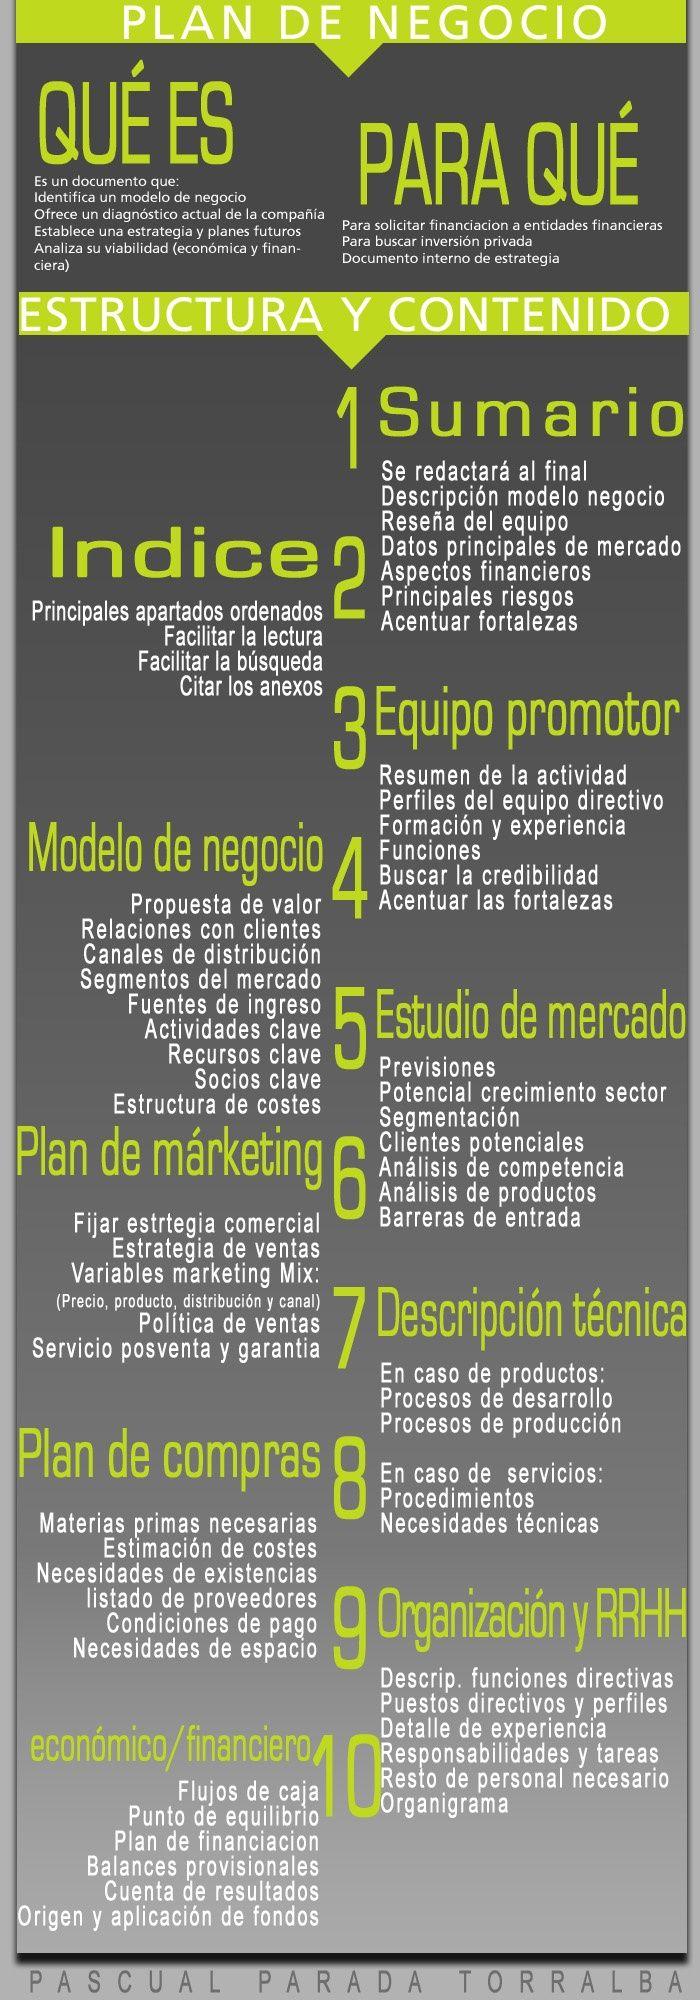 Crea tu Plan de Negocio en 10 sencillos pasos.